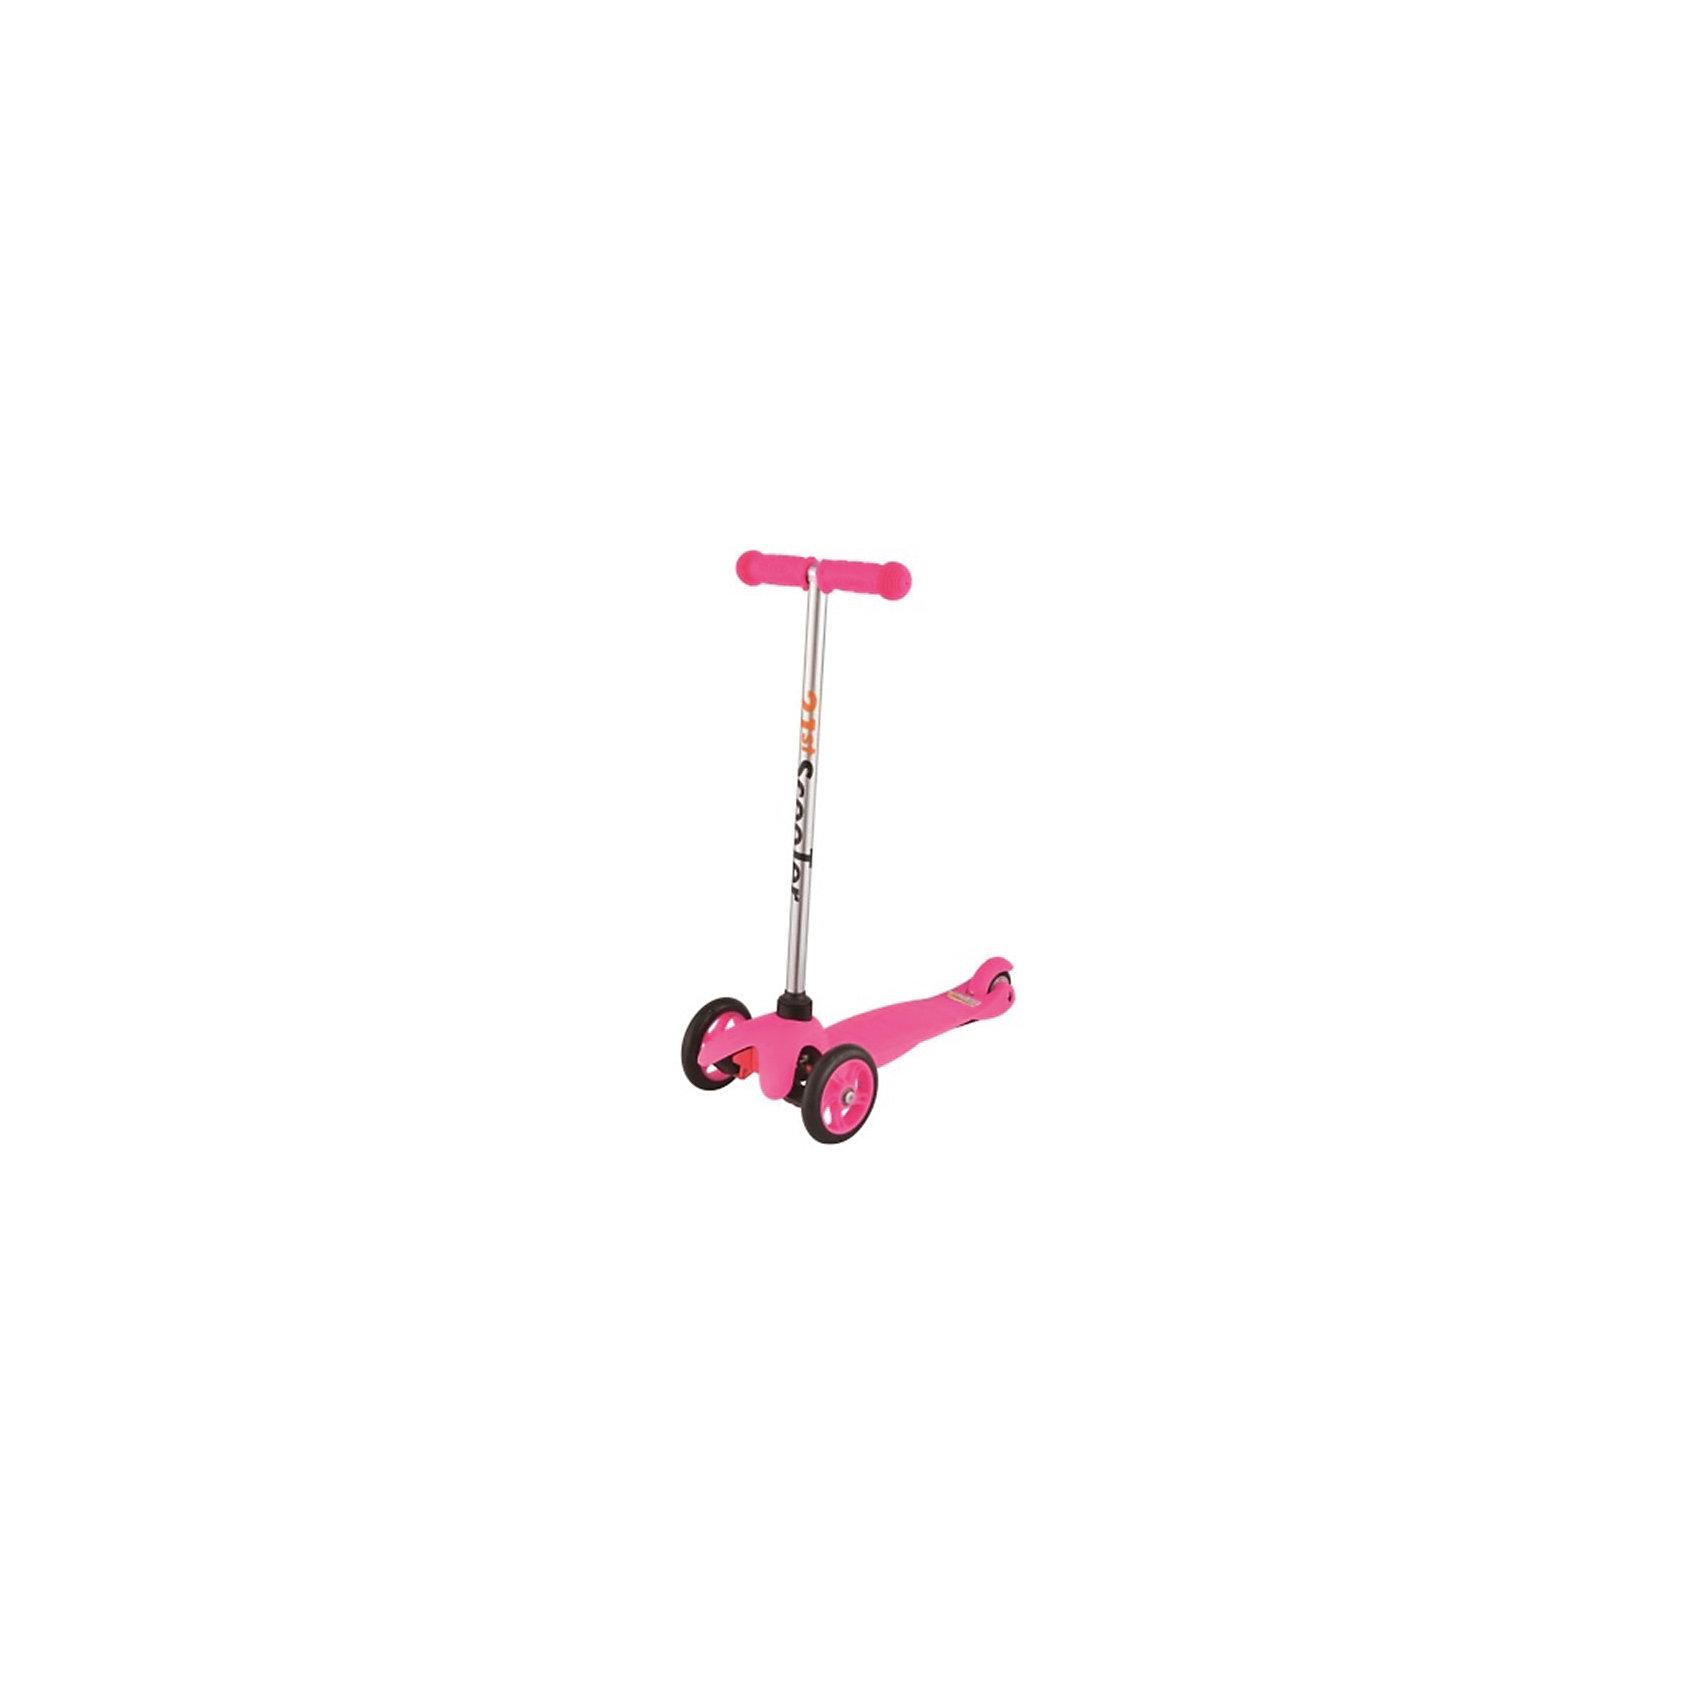 Самокат 3-х колёсный Maxi Scooter, розовый, 21st scooTerСамокаты<br>21st scooter MaxiScooter (SKL-06A) - детский трехколесный самокат с амортизацией передней вилки. Самокат имеет уникальную запатентованную систему управления. Гибкая подножка сделана из мягкого пластика усиленного стекловолокном, что исключает риск травмирования ребенка об нее.За счет своей устойчивости и плавности хода, SKL-06A очень просто освоить. Самокат изготовлен из высококачественных материалов. Он отлично способствует развитию опорно-двигательного аппарата ребенка его координацию движения и навыки балансировки.Характеристики:• Вес: 2 кг.• Возраст:  от 3-х лет• Максимальная нагрузка: до 30 кг.• Материал: алюминий, полипропилен, стеклопластик• Колеса: полиуретановые литые колеса PU• Диаметр колес: передние 120 мм, заднее 80 мм.• Подшипники: ABEC-1• Тормоз: задний тормоз наступающий (step-on brake)• Размеры: 67х23х53,5 см.• Размер платформы: 52х11 см.<br><br>Ширина мм: 610<br>Глубина мм: 450<br>Высота мм: 390<br>Вес г: 2400<br>Возраст от месяцев: 36<br>Возраст до месяцев: 2147483647<br>Пол: Унисекс<br>Возраст: Детский<br>SKU: 5475698